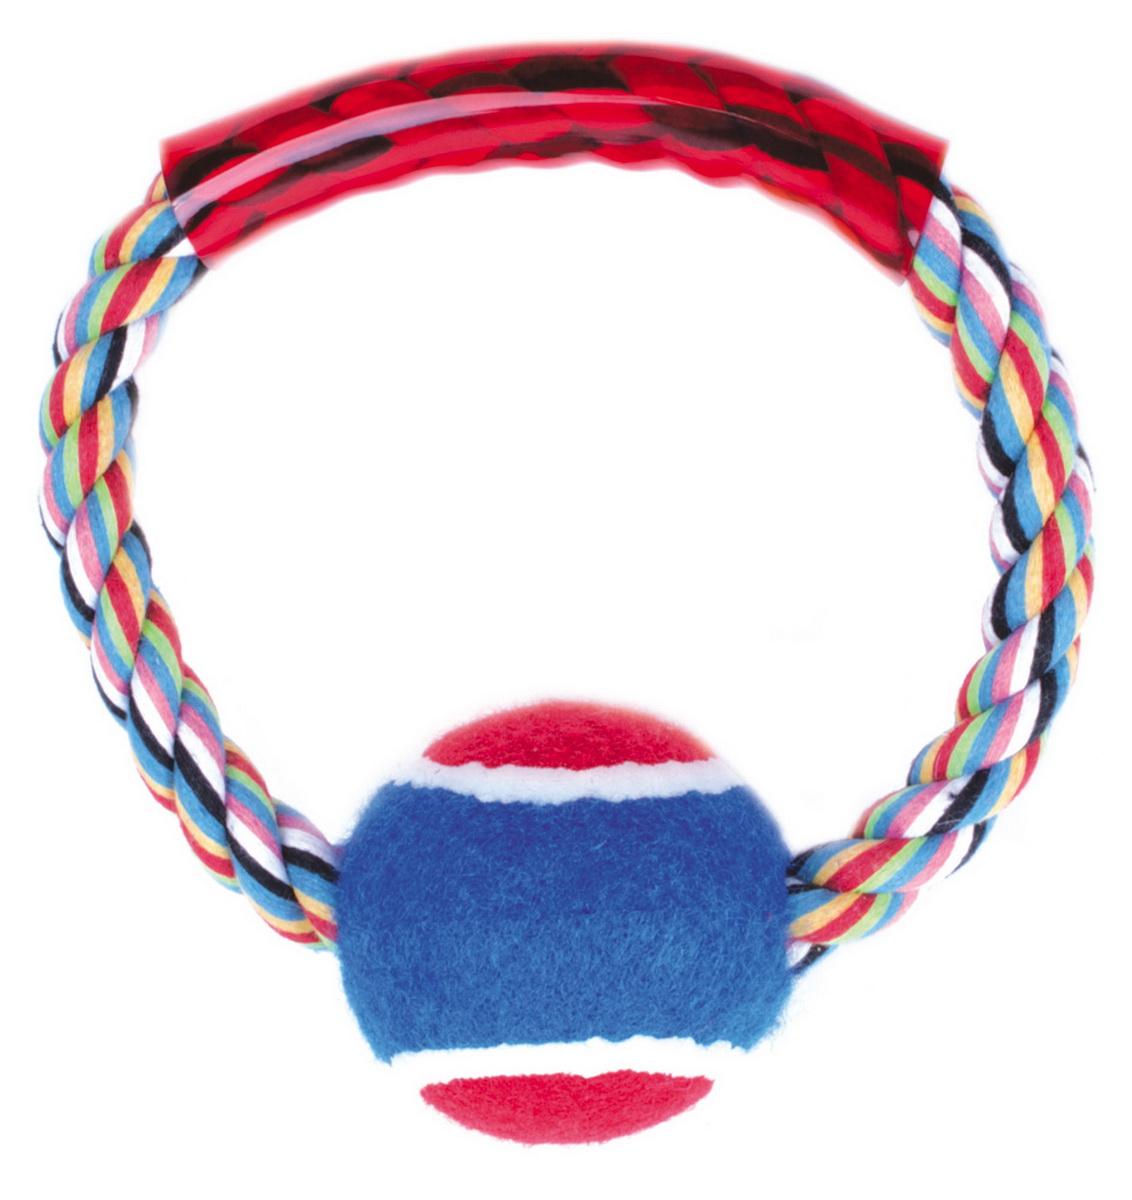 Игрушка для собак Dezzie Кольцо с мячом, 15 см0120710Игрушка для собак Dezzie Кольцо с мячом изготовлена из натуральной хлопковой веревки с мячом. Веревочные игрушки не только увлекательны, но и полезны для здоровья домашних животных. Во время игры питомец тренирует десны и очищает свои зубы от камня. Размер игрушки: 15 см.